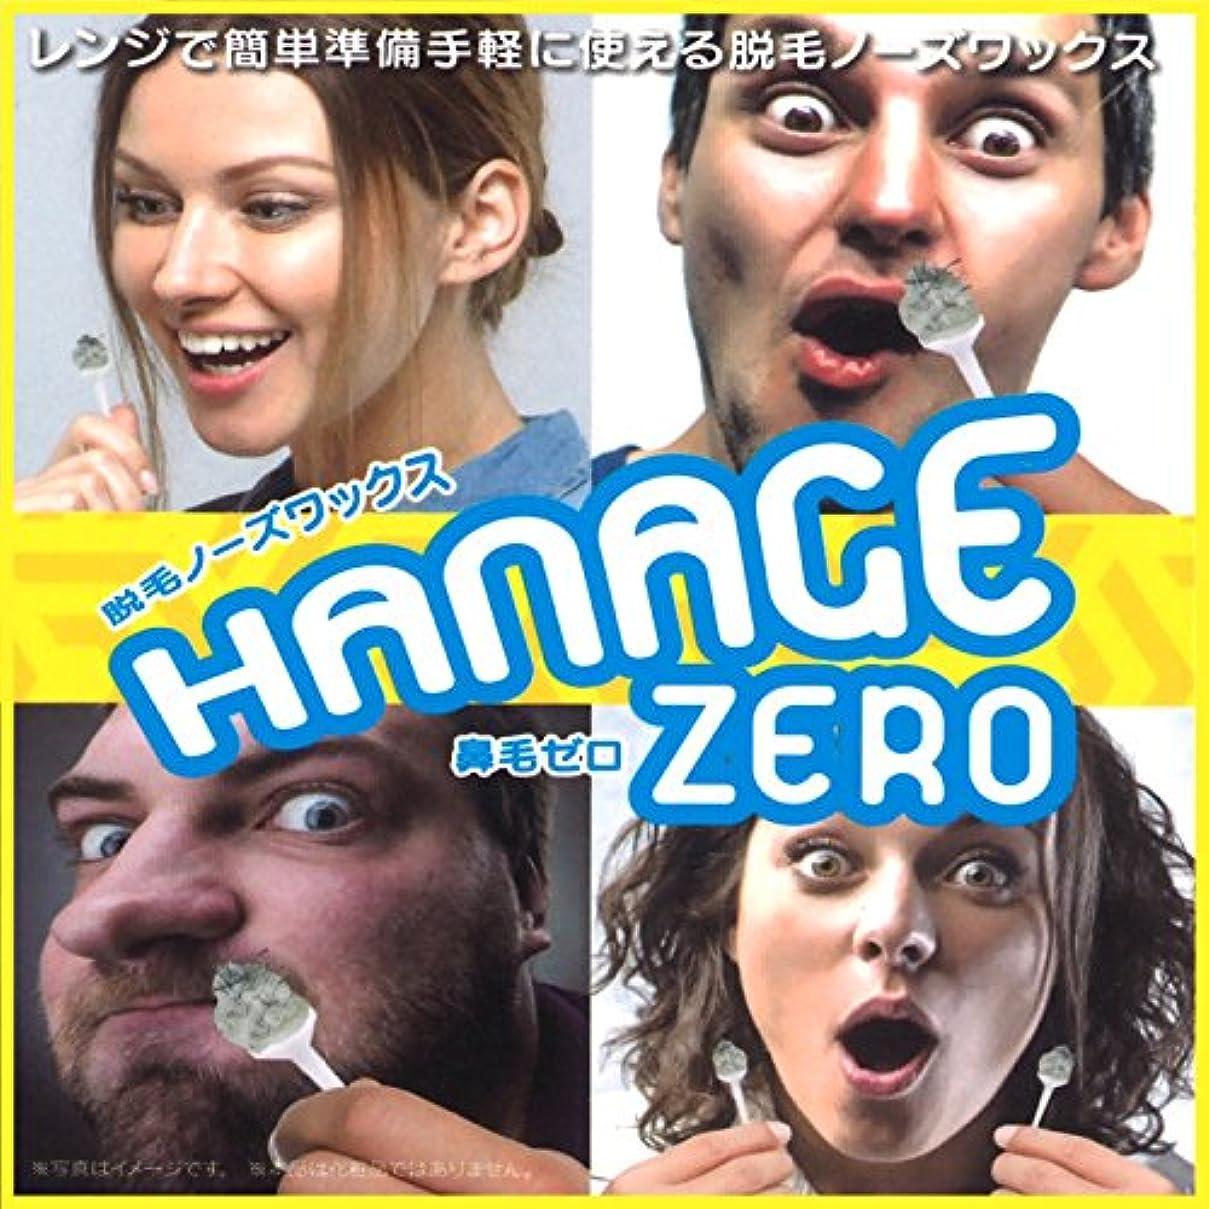 ハリウッド分析無心お得セット 脱毛ノーズワックス HANAGE ZERO 鼻毛ゼロ 両鼻穴 10回分 (10)